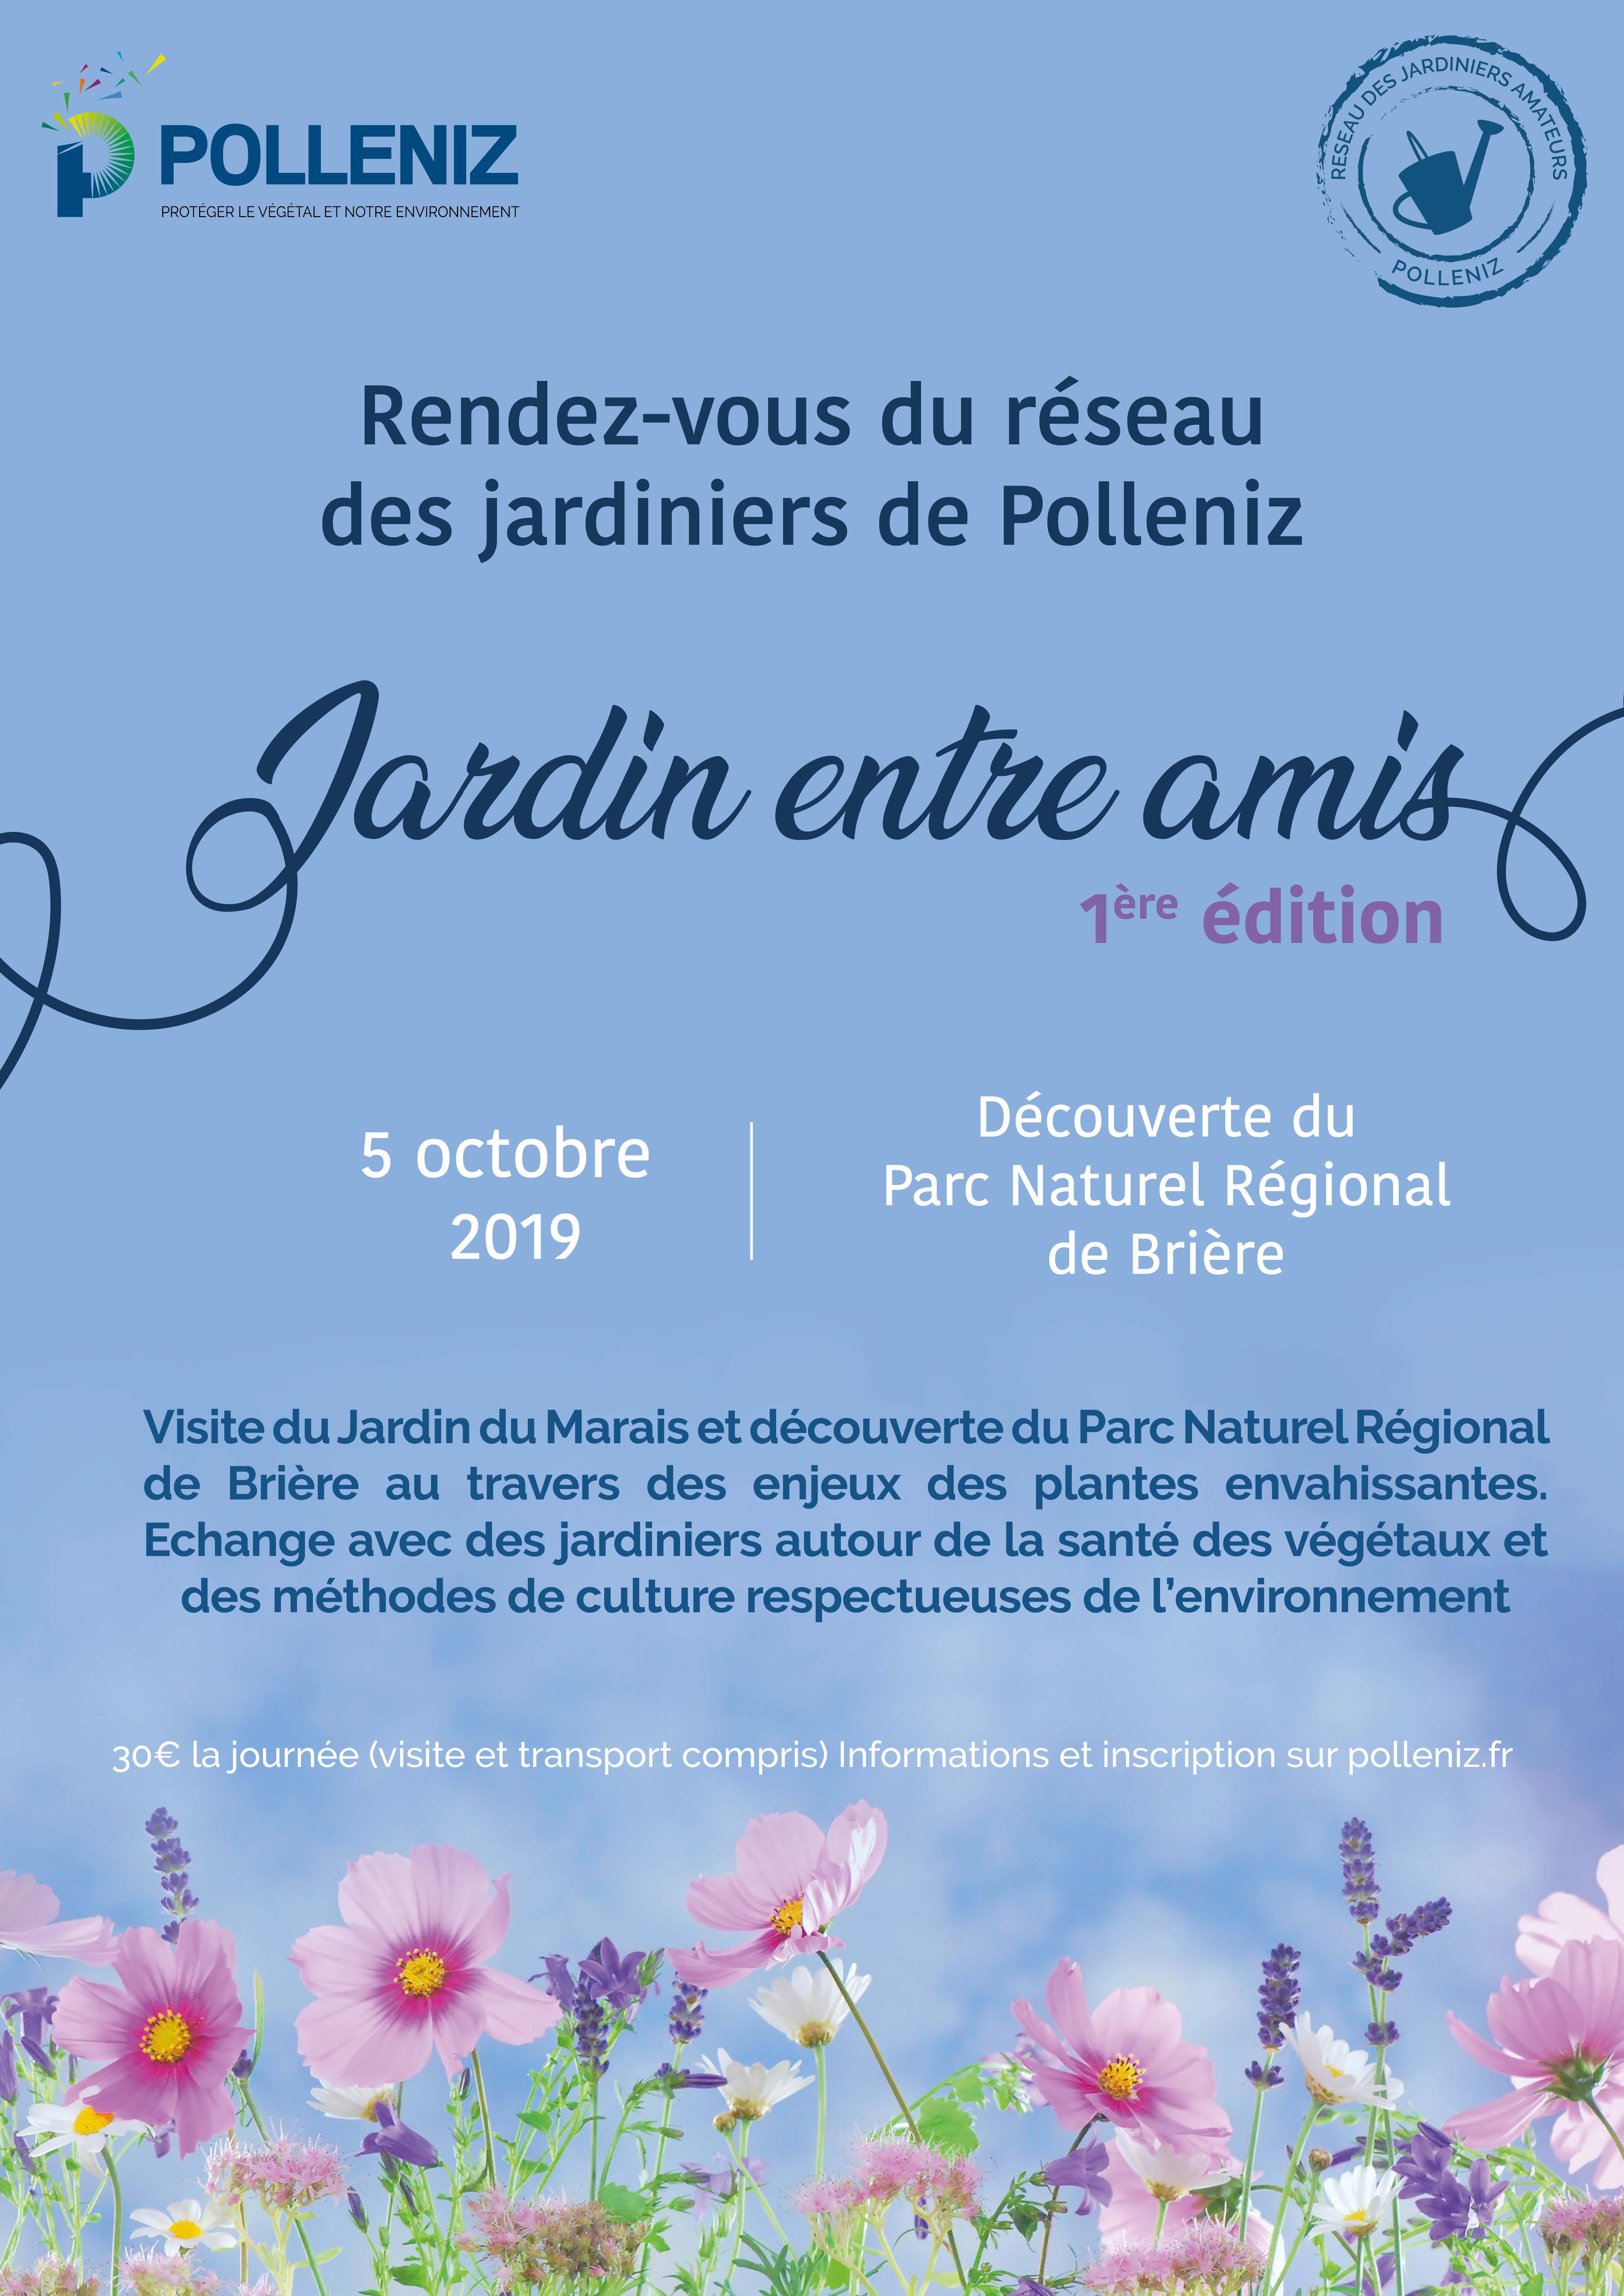 Jardin entre amis – Découverte du Parc Naturel Régional de Brière le 5 octobre 2019